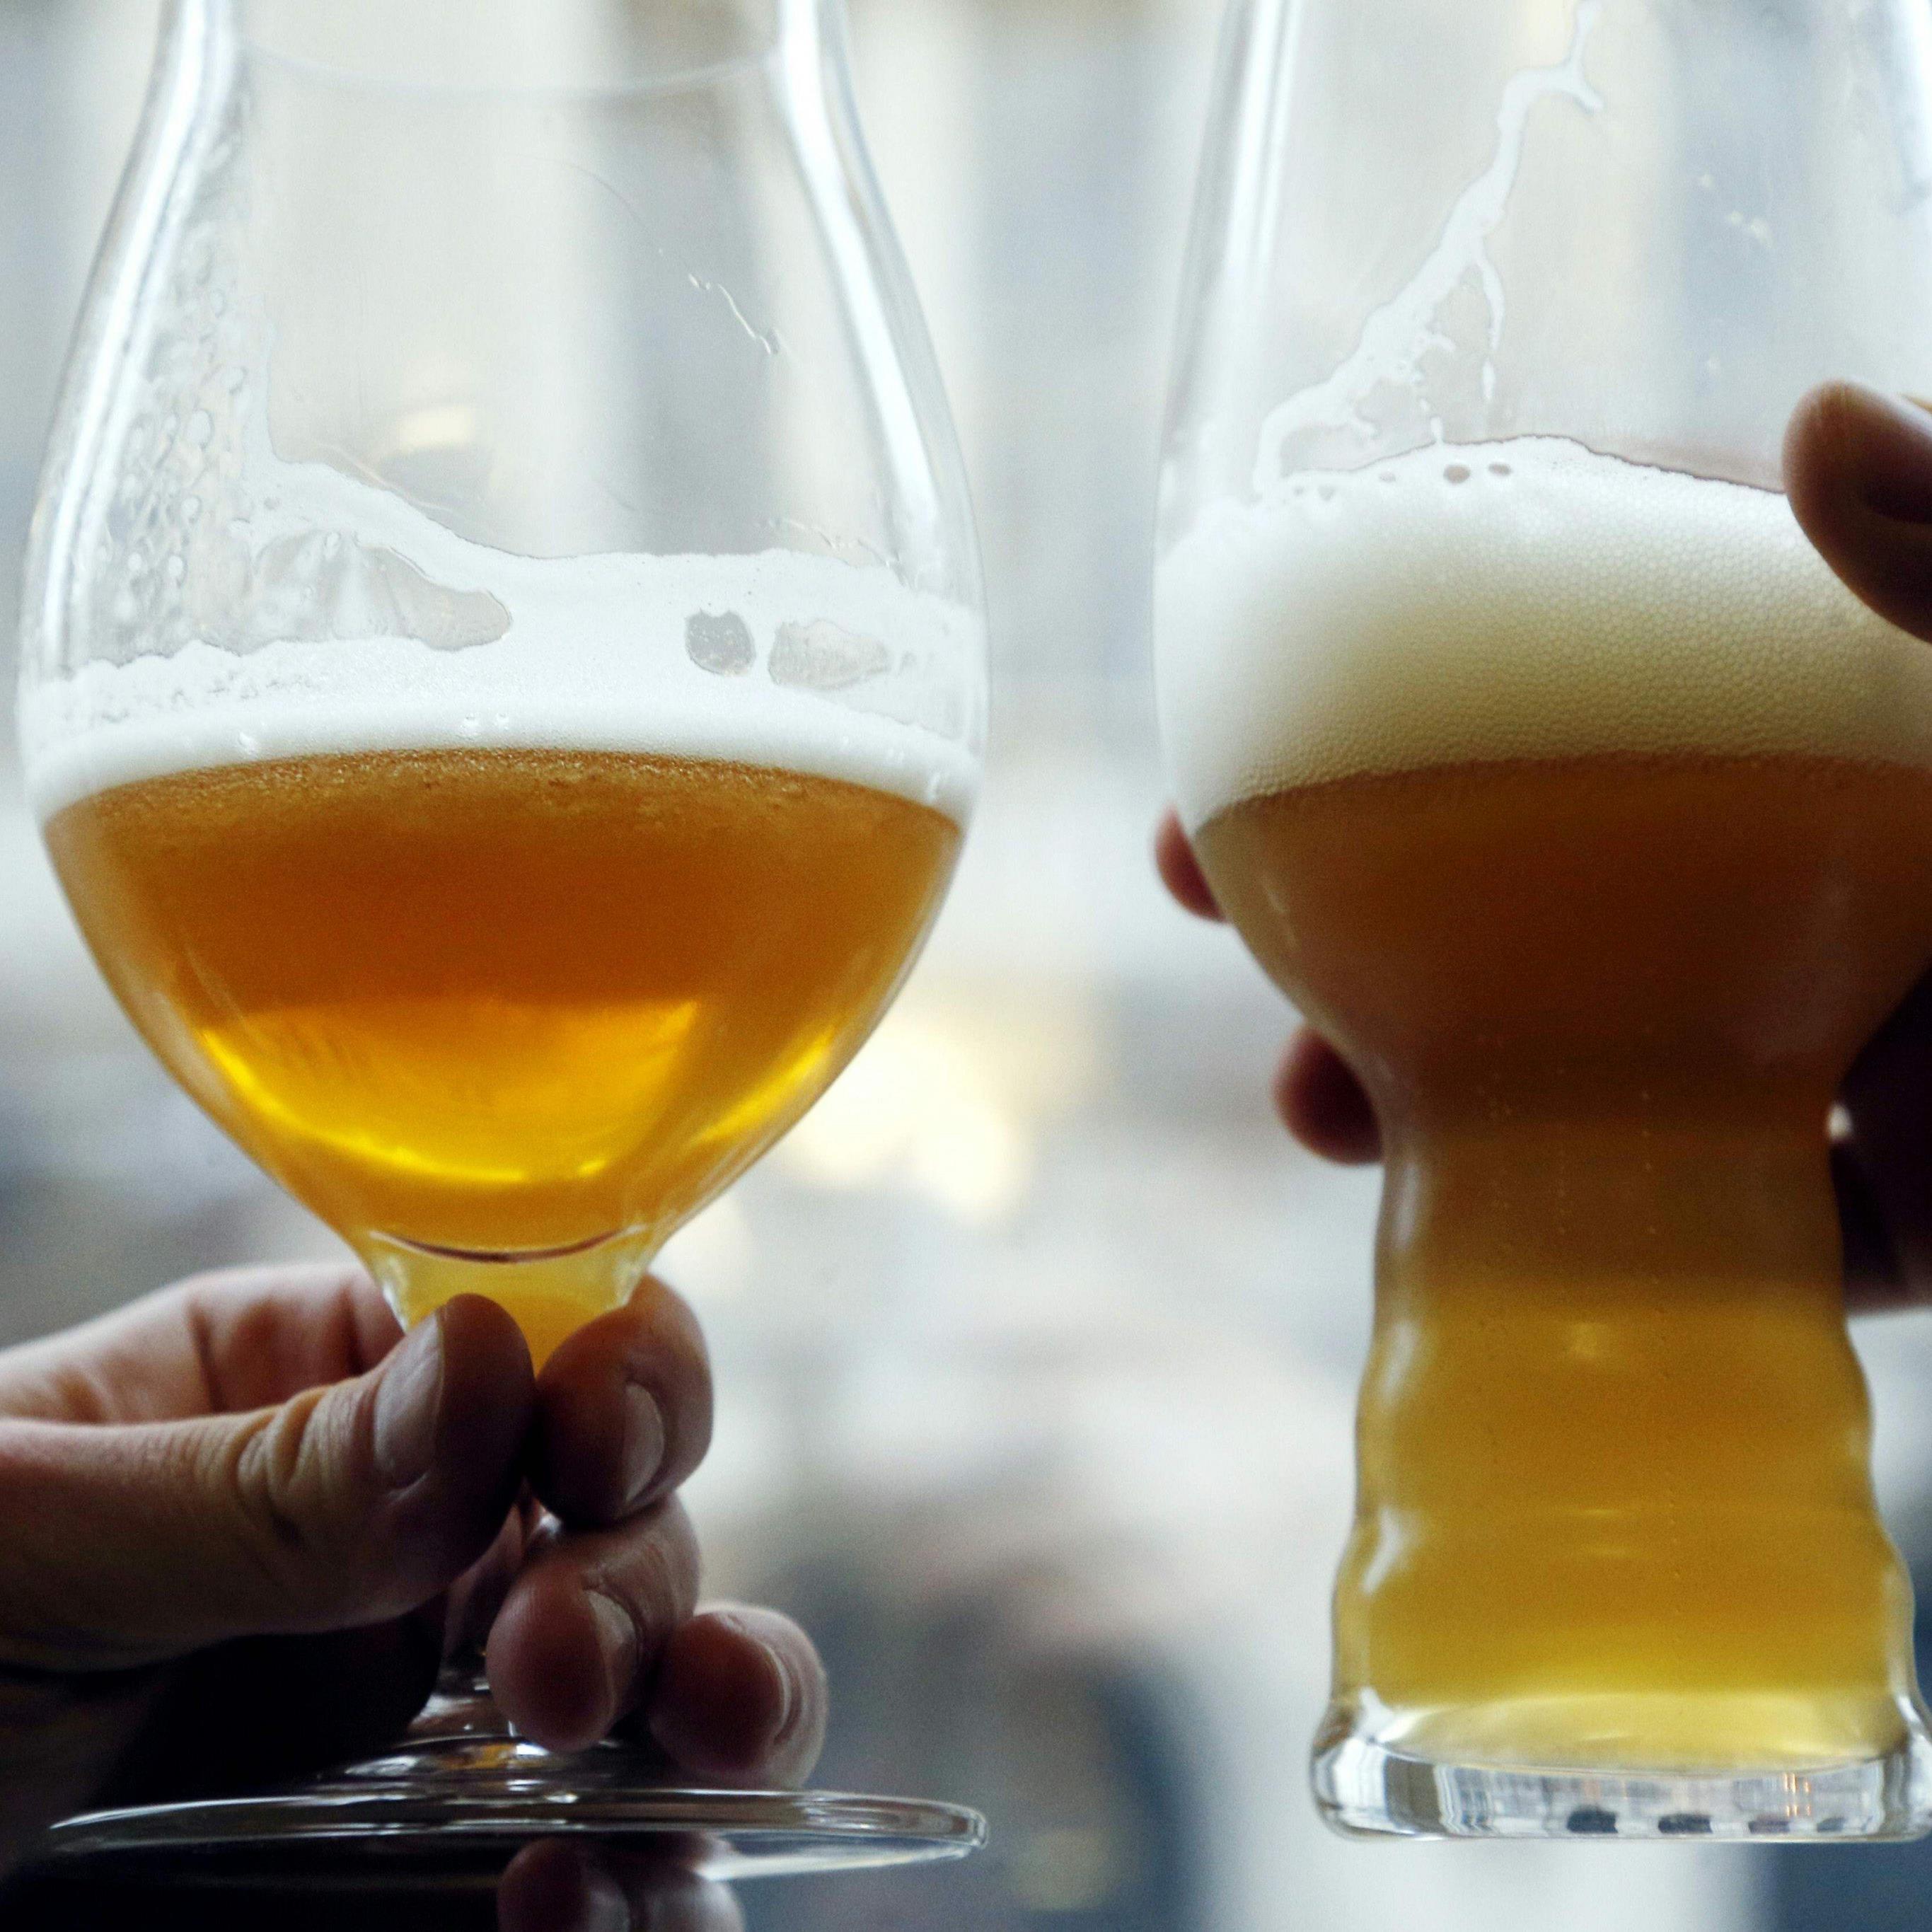 In den Vorarlberger Bier-Proben wurden keine Rückstände von Glyphosat gefunden.